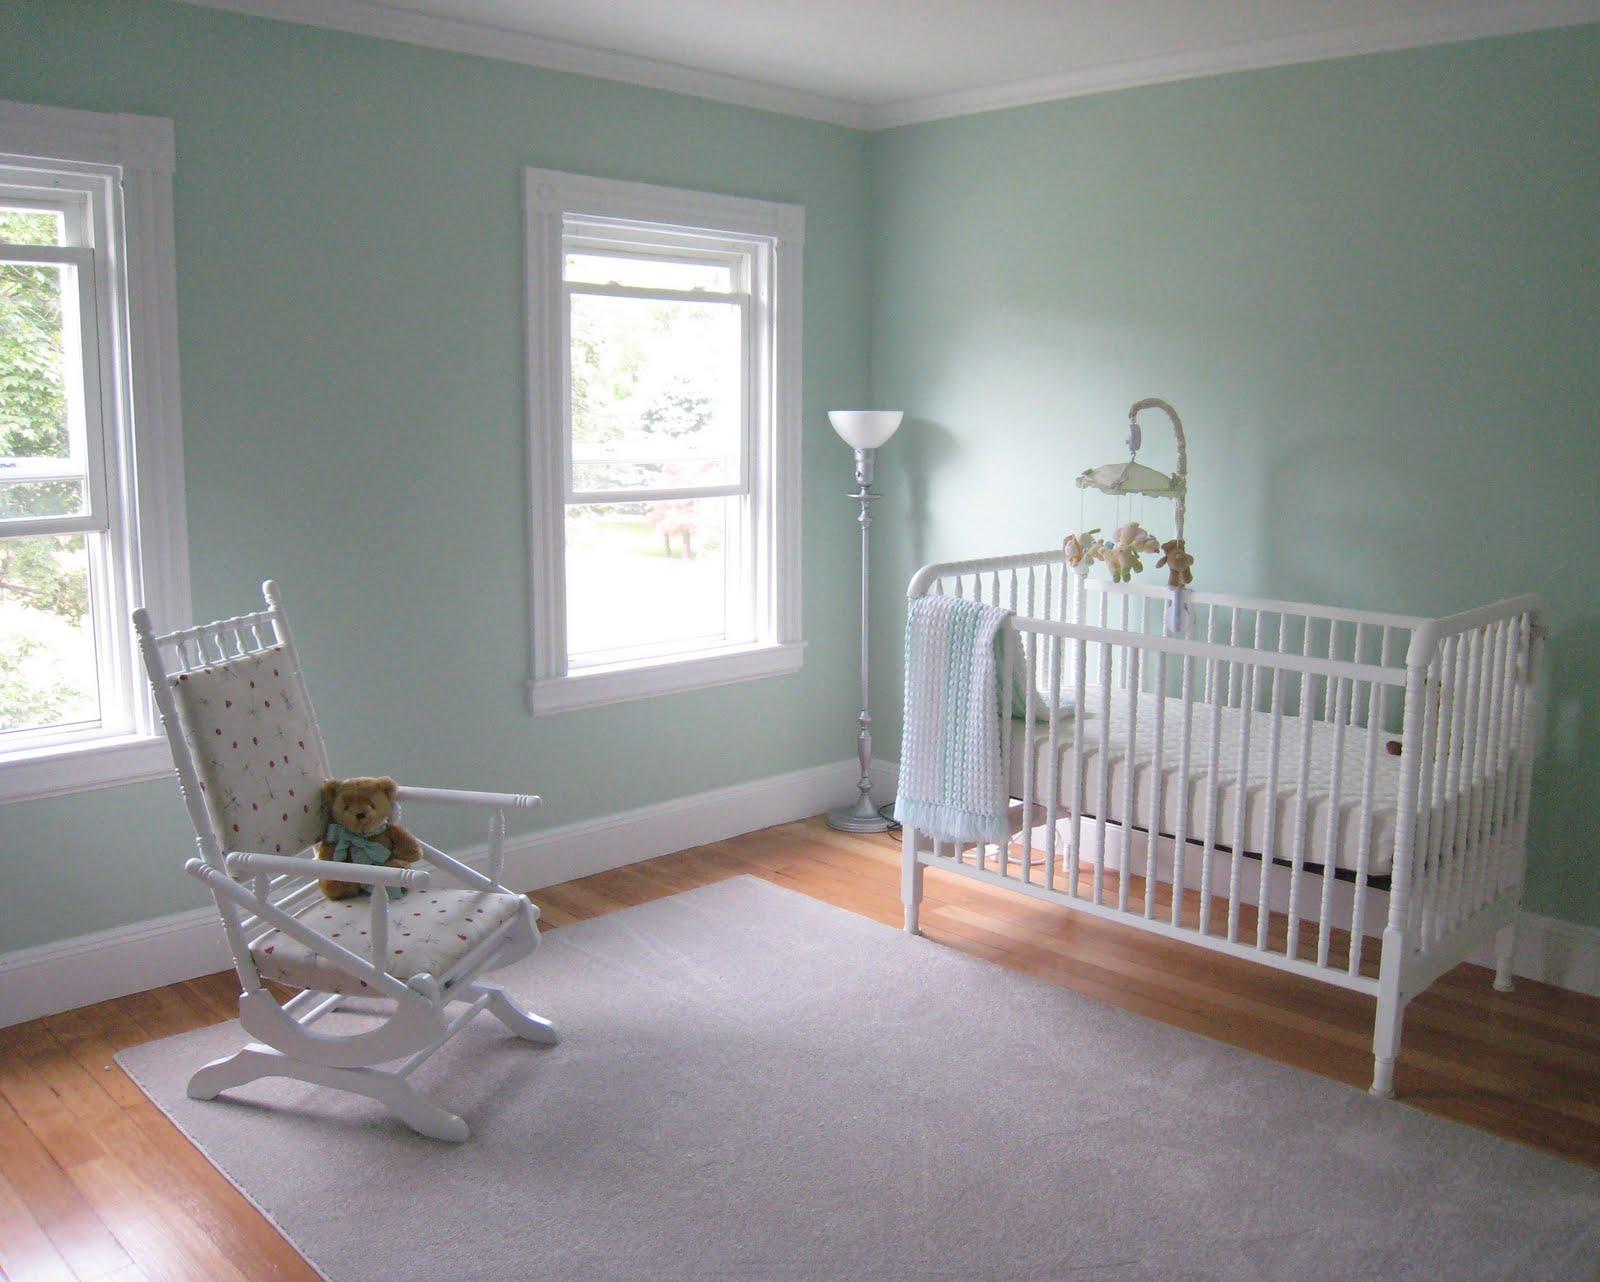 5 Crown Kabinky Nursery Preview